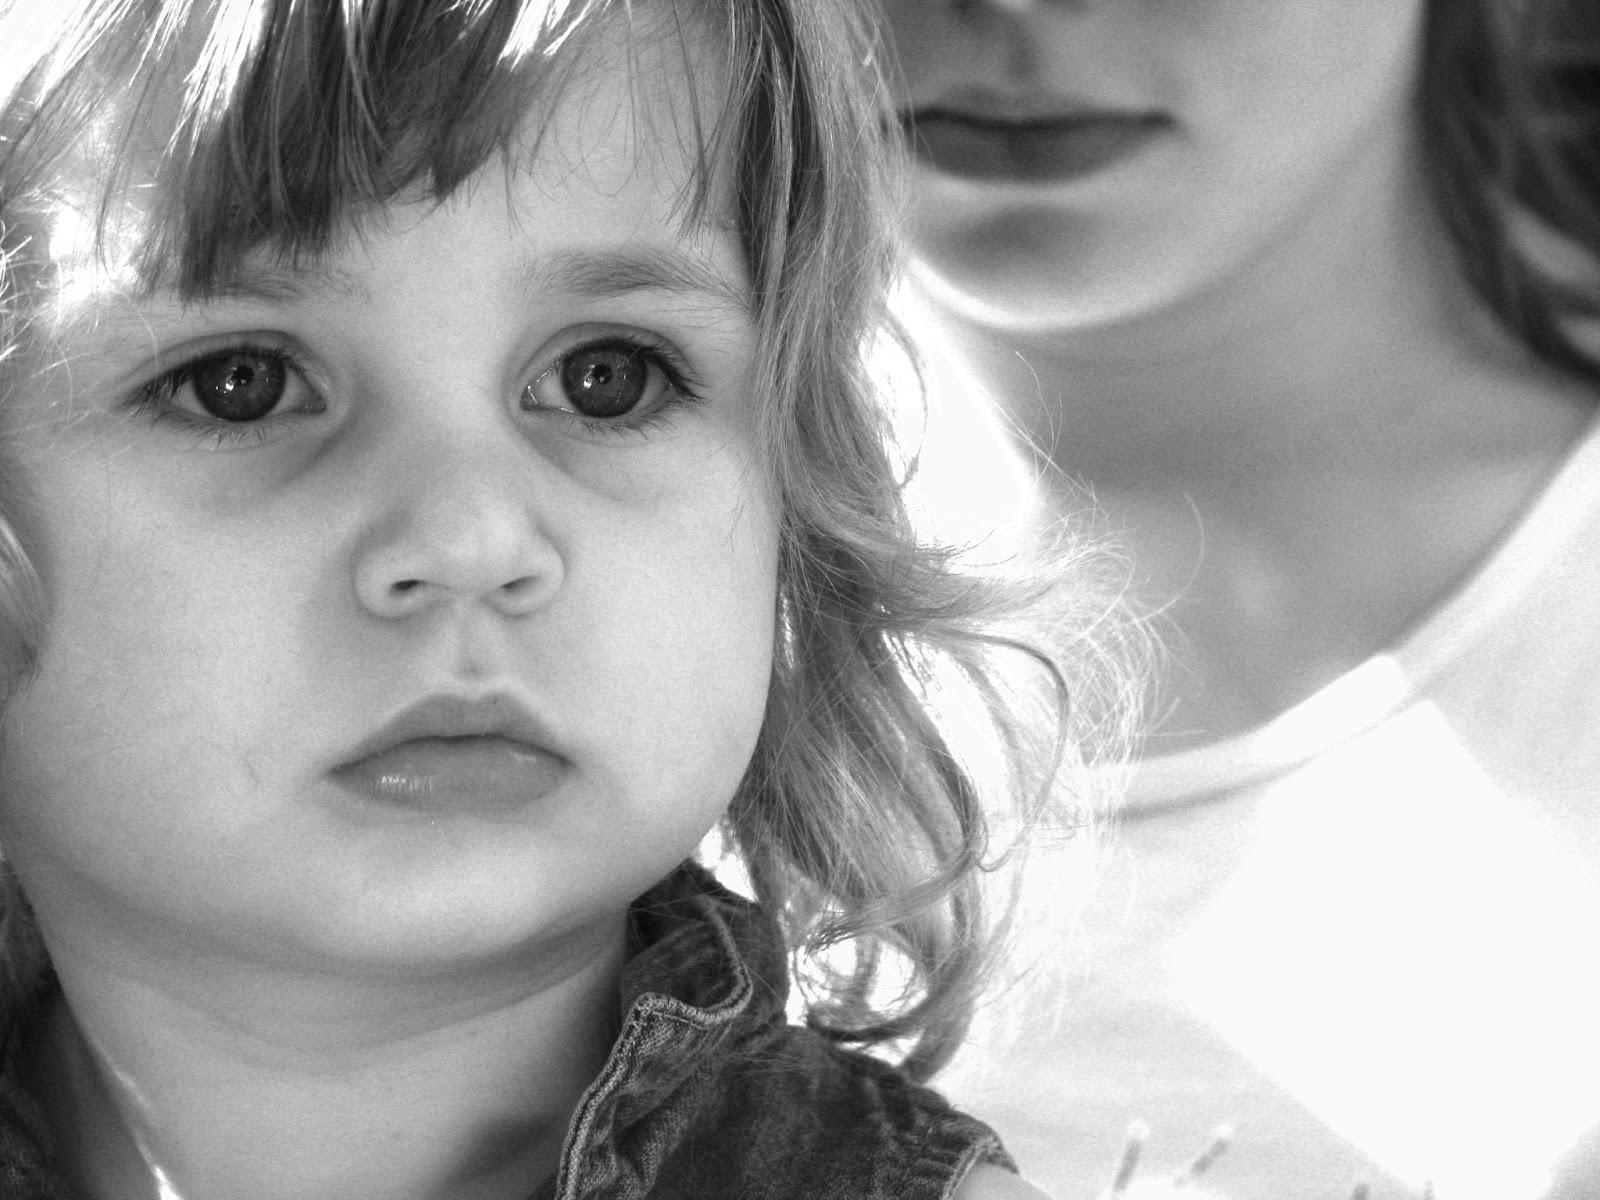 نتيجة بحث الصور عن اجمل الاطفال فى العالم 2016 روشة